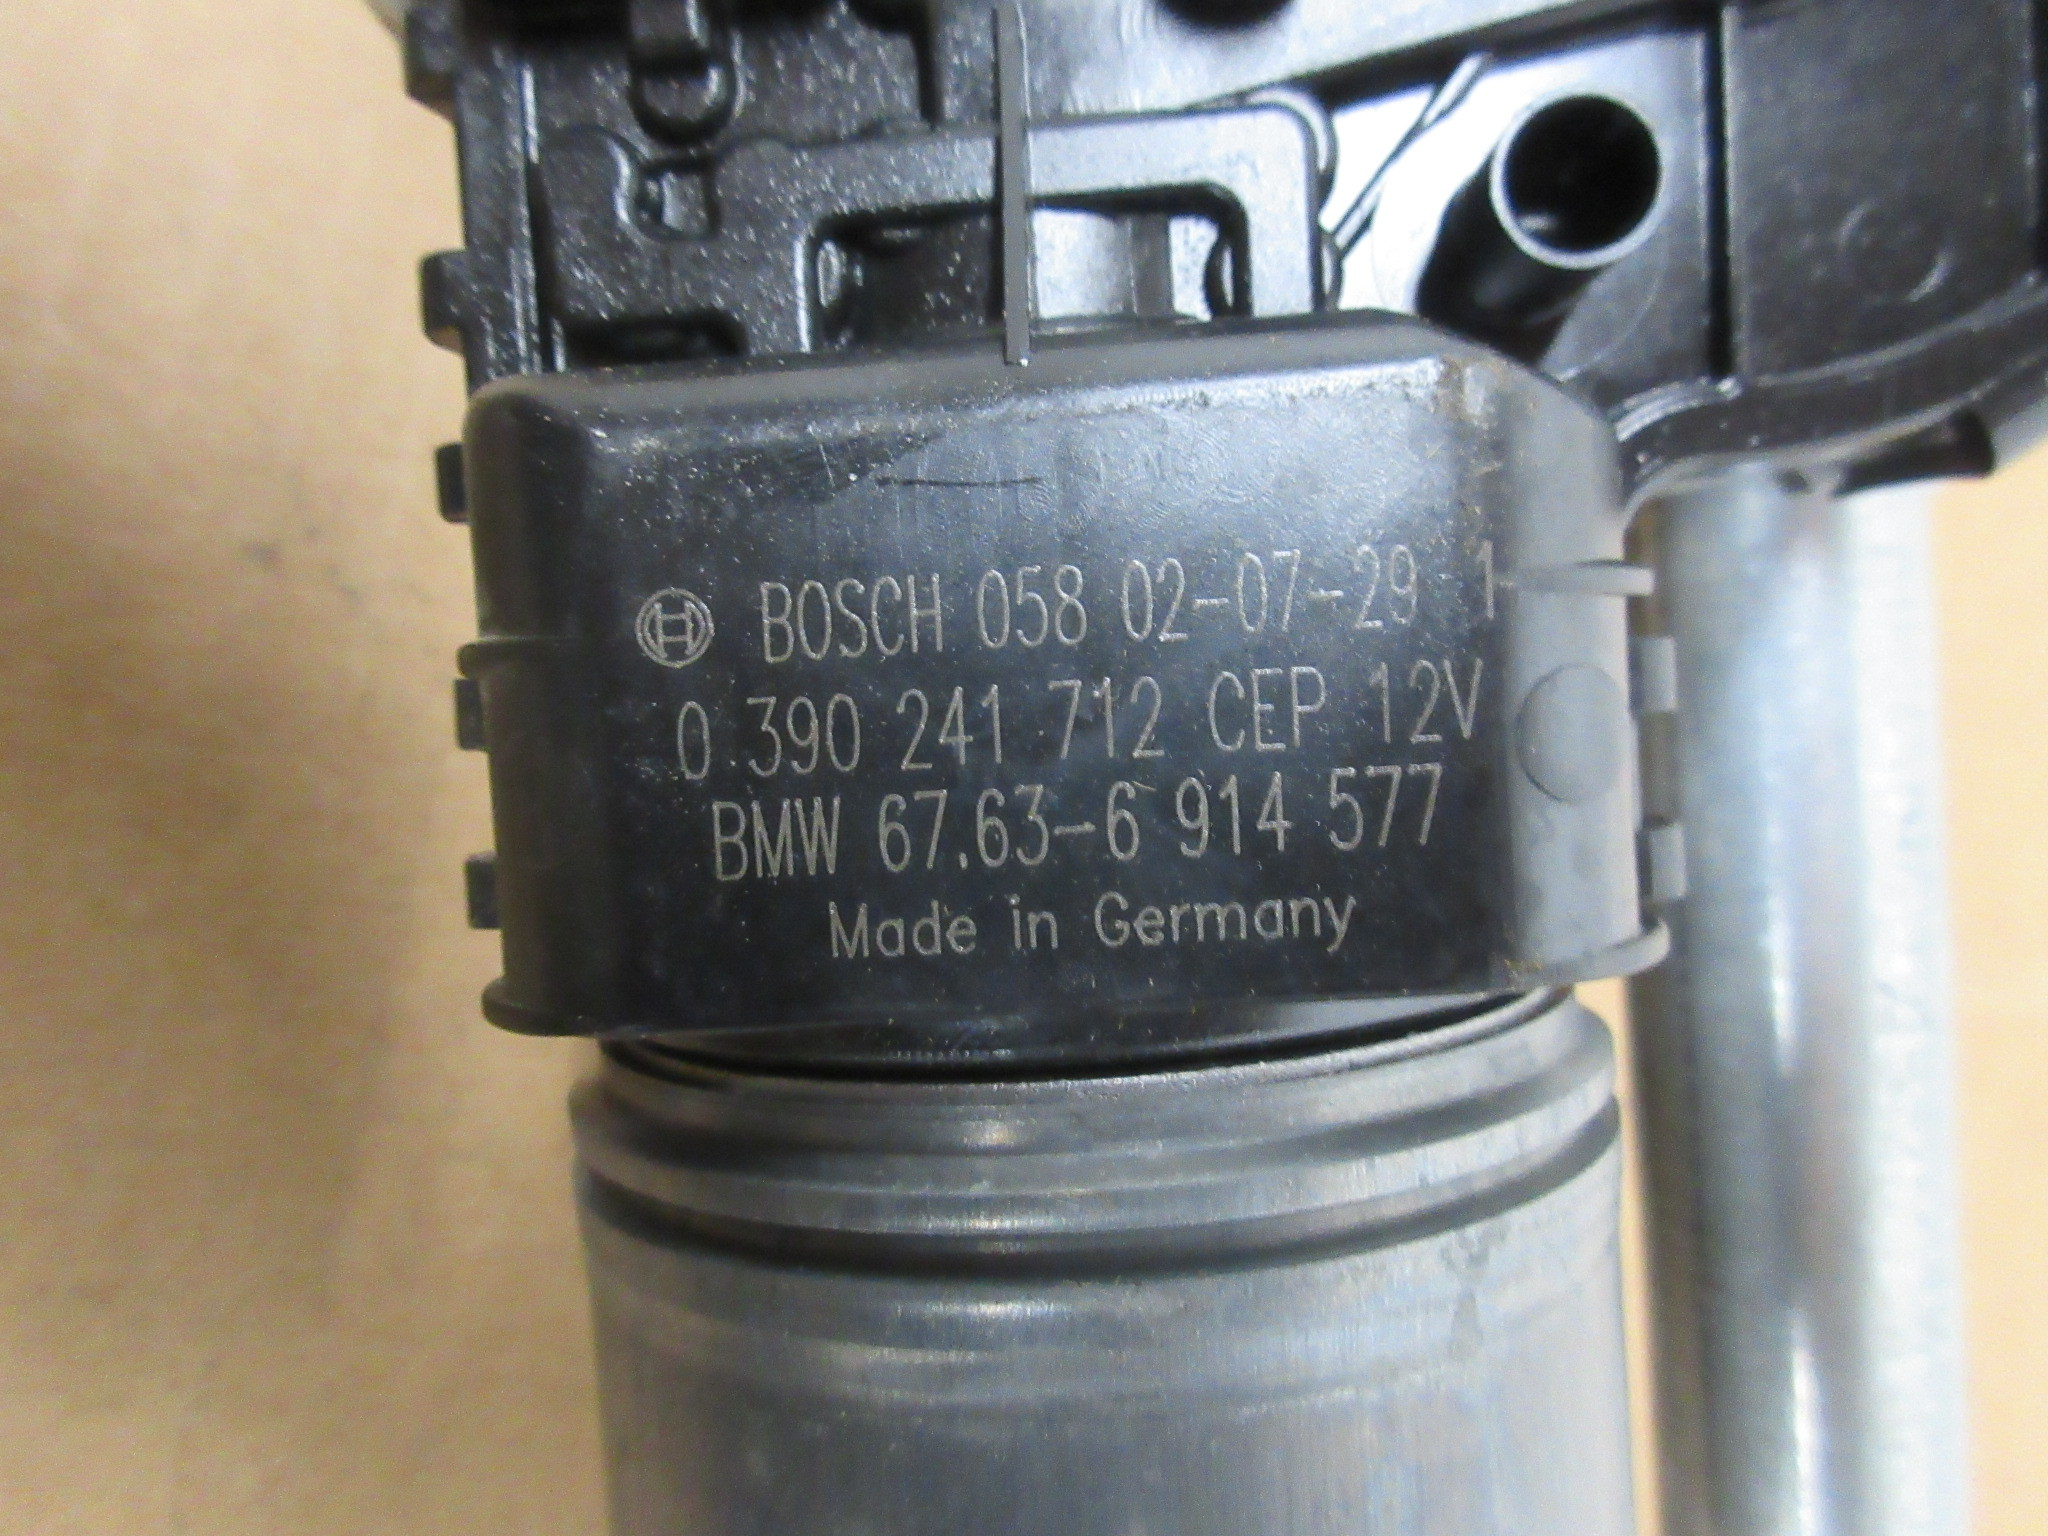 BMW E46 M3 330 Ci 320Ci 325 Ci Windshield Wiper Motor 67636914577 99-06